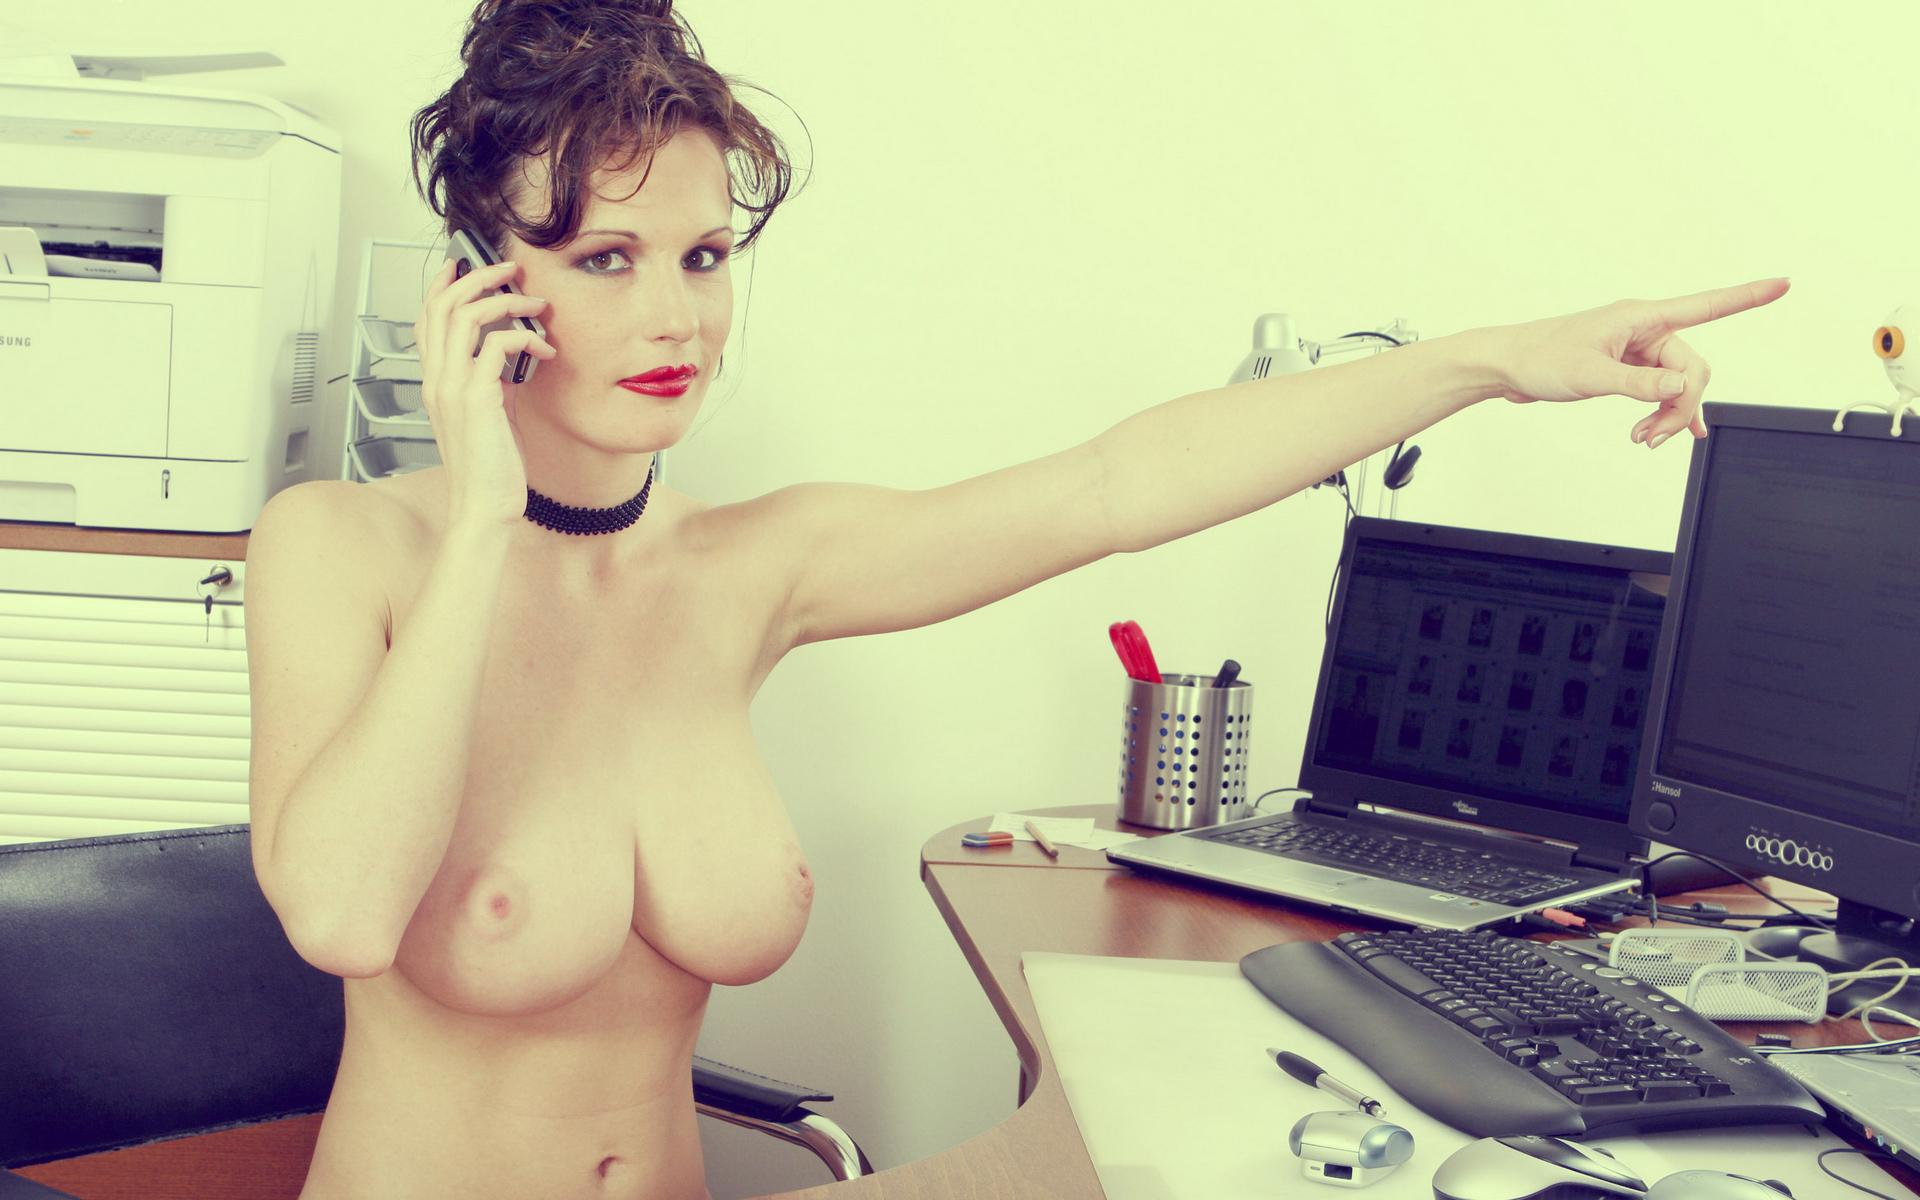 Смотреть онлайн голые в офисе, Порно Секс в офисе -видео. Смотреть порно онлайн! 25 фотография